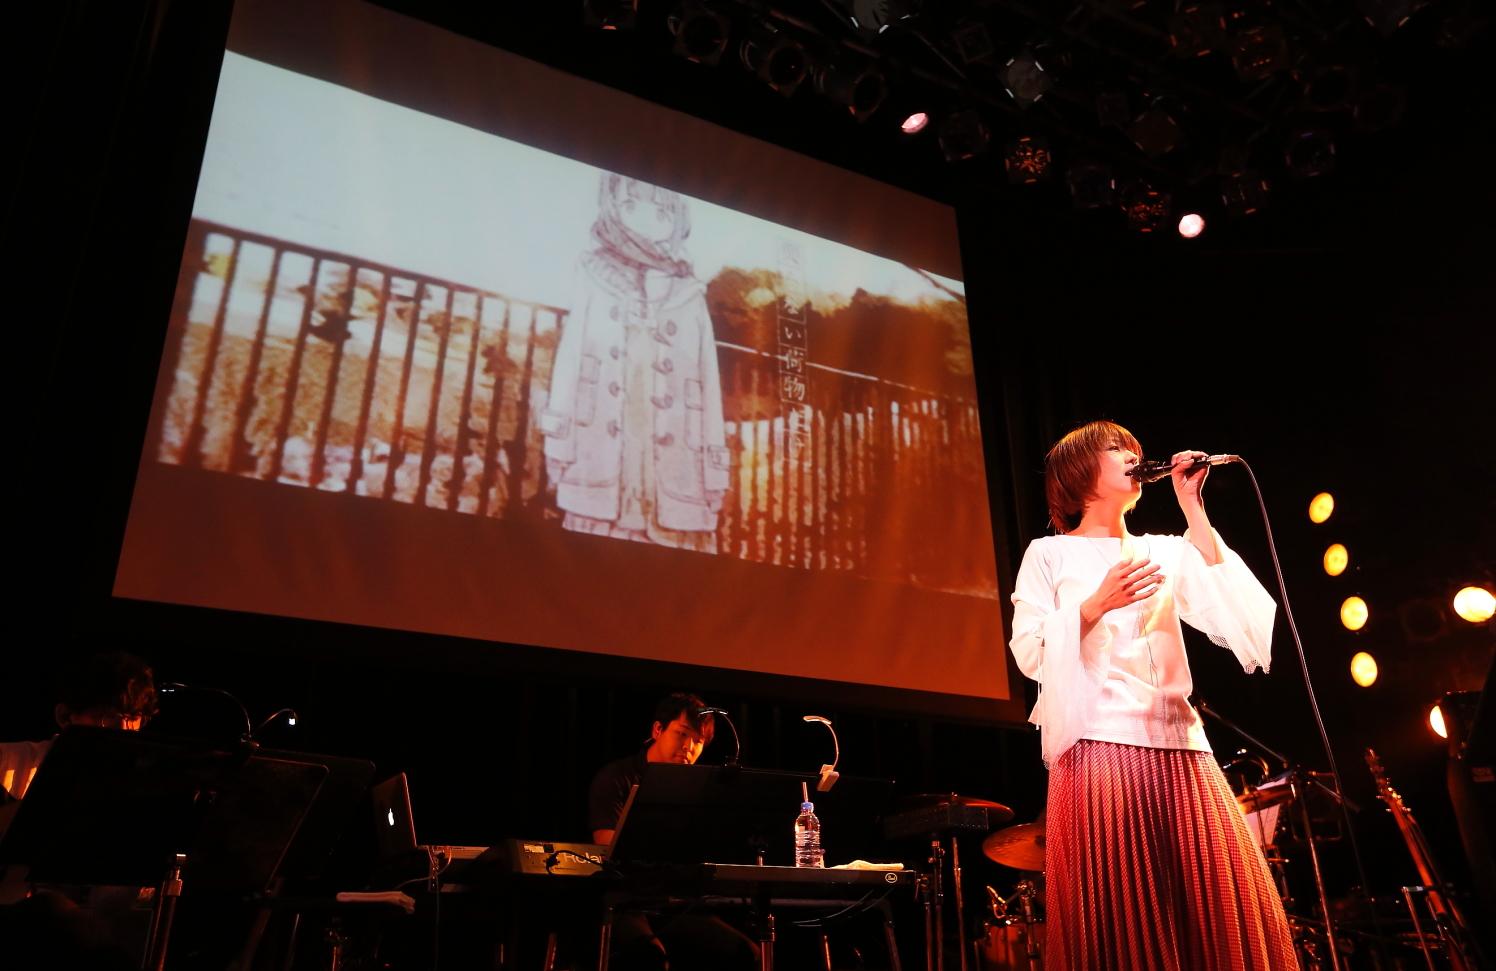 熊木杏里 10月11日(水)渋谷・TSUTAYA O-WEST コンセプトライブ 内で、15周年の集大成となるライブを発表!